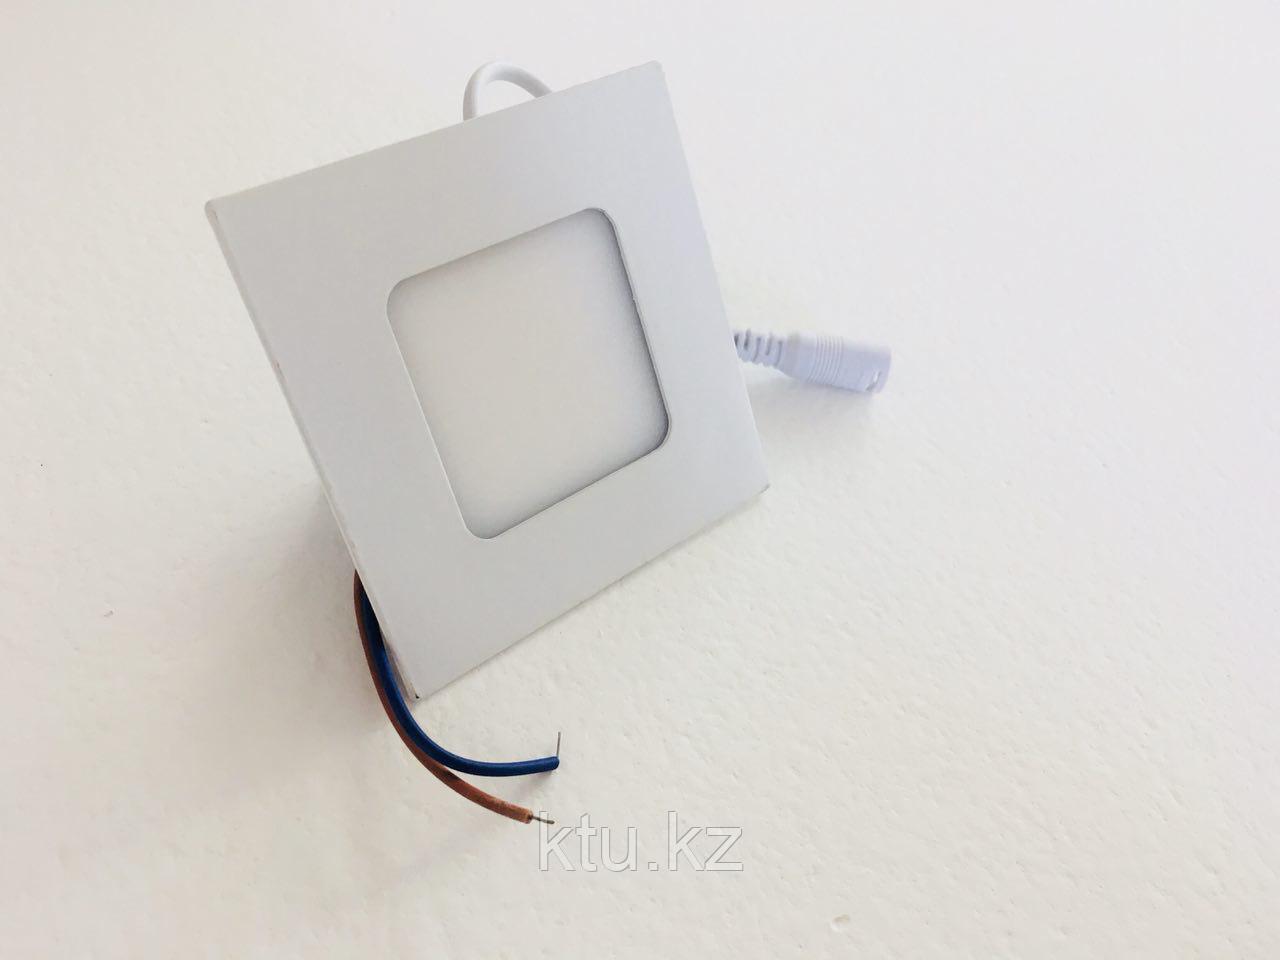 Светильники (споты) JL-Y 3W внутренний, 3год гарантия